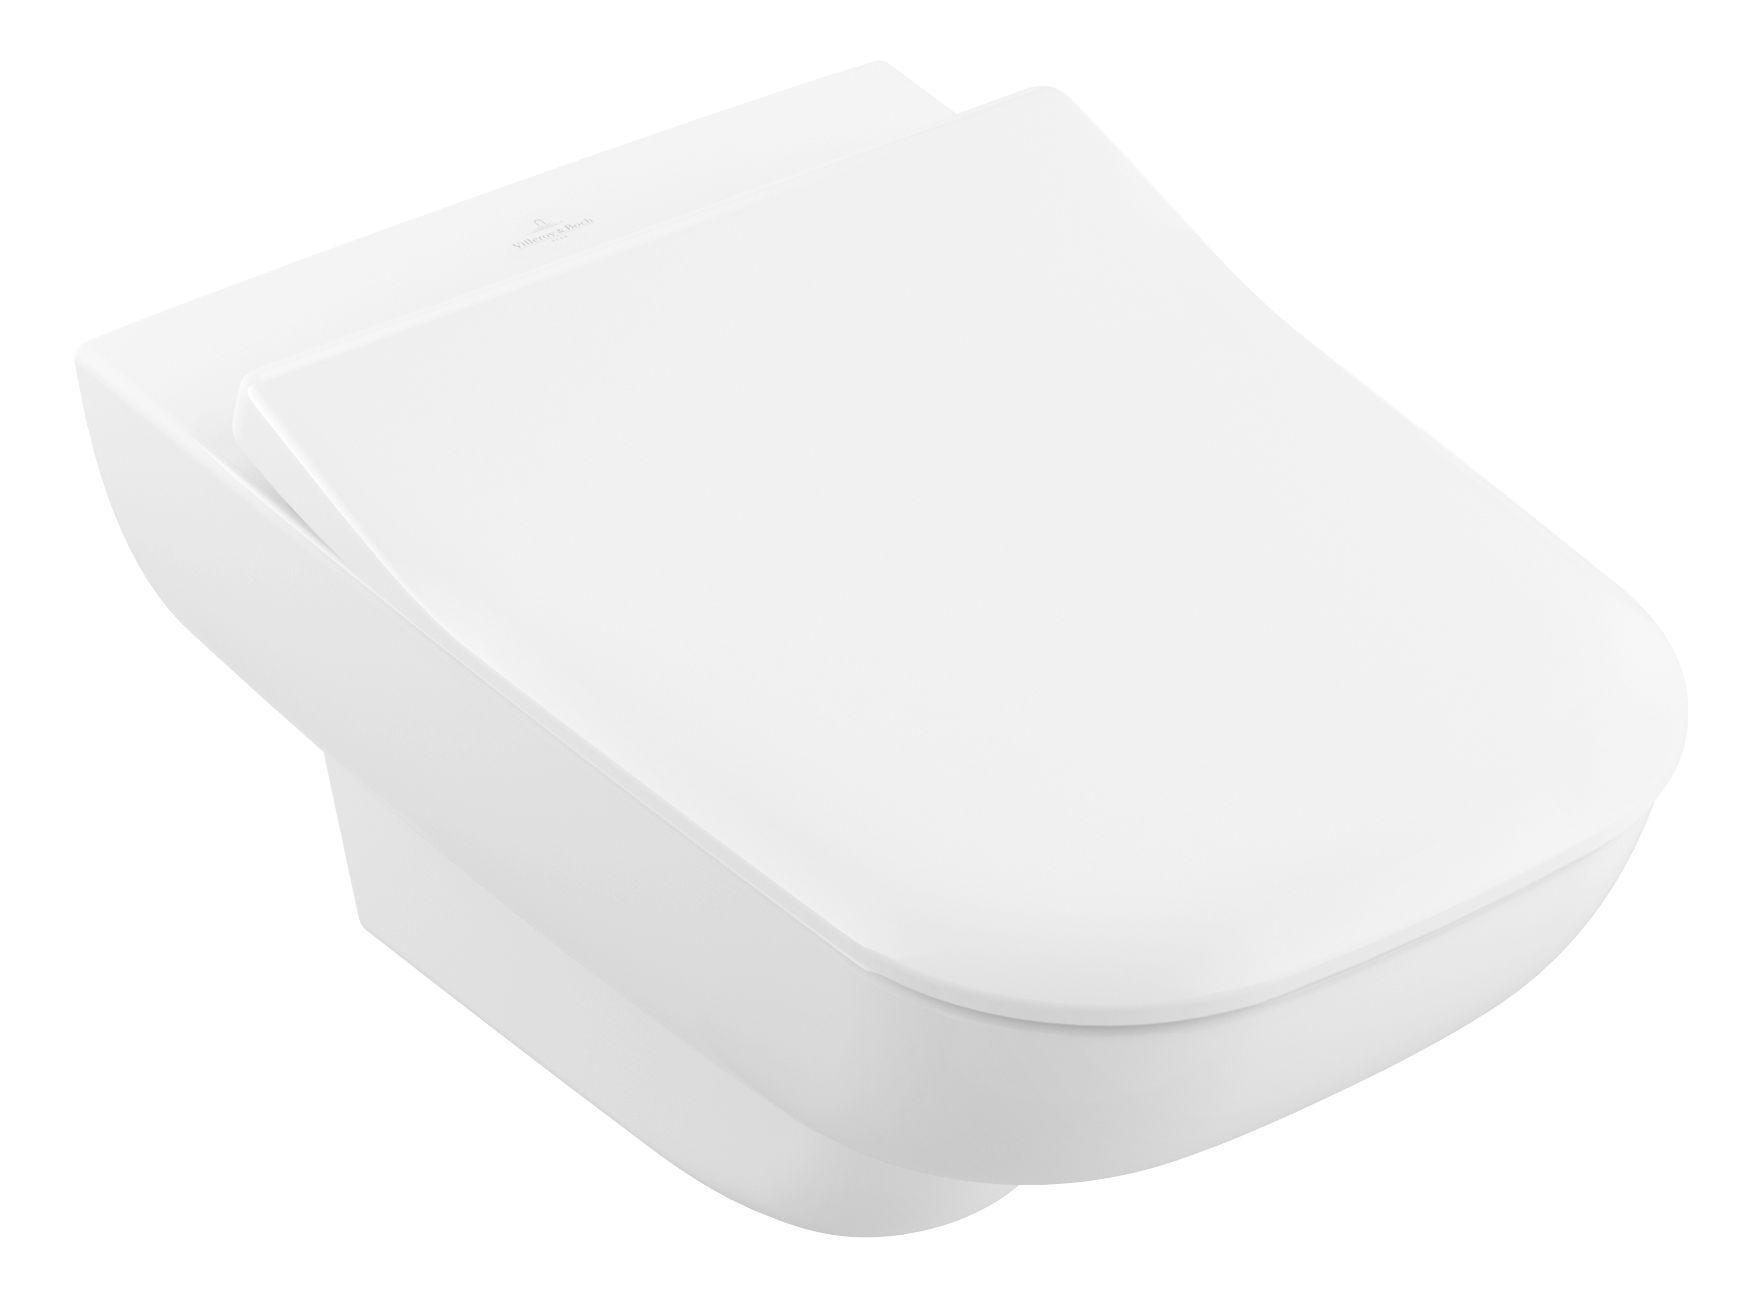 Villeroy & Boch Joyce Combi-Pack Tiefspül-Wand-WC DirectFlush mit offenem Spülrand B:37xL:56cm und Slimseat WC-Sitz weiß mit CeramicPlus 5607HRR1